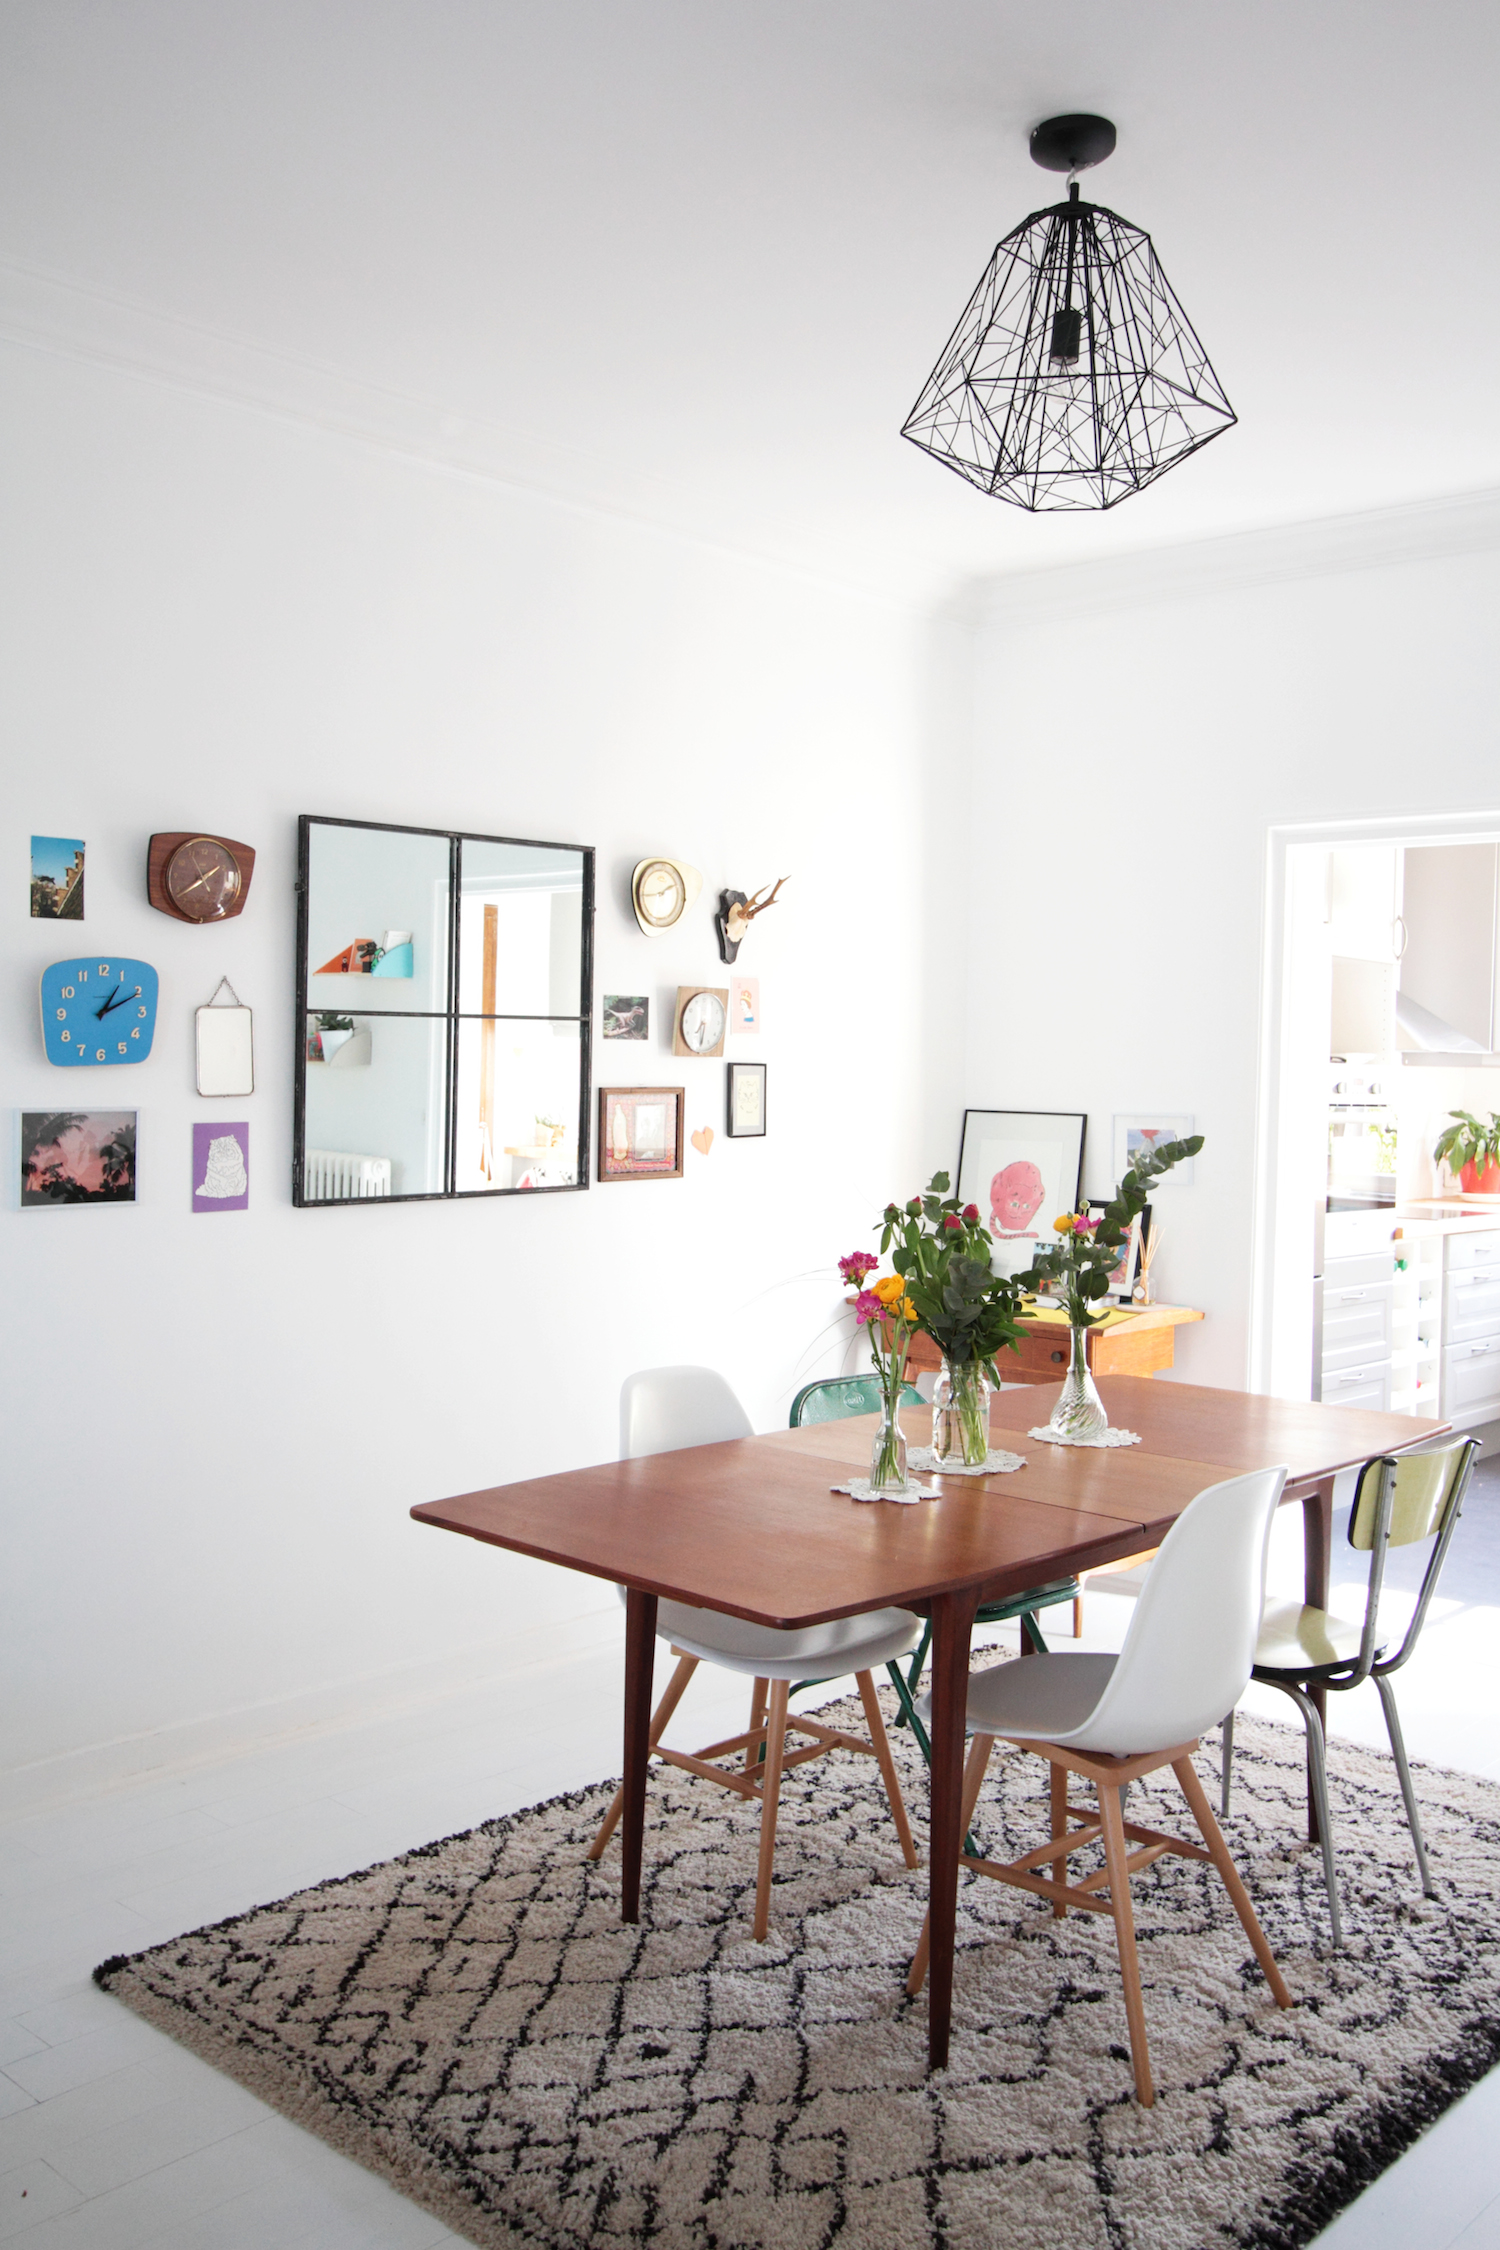 visite privee maison ville scandinave amelie christophe 2612 h ll blogzine. Black Bedroom Furniture Sets. Home Design Ideas